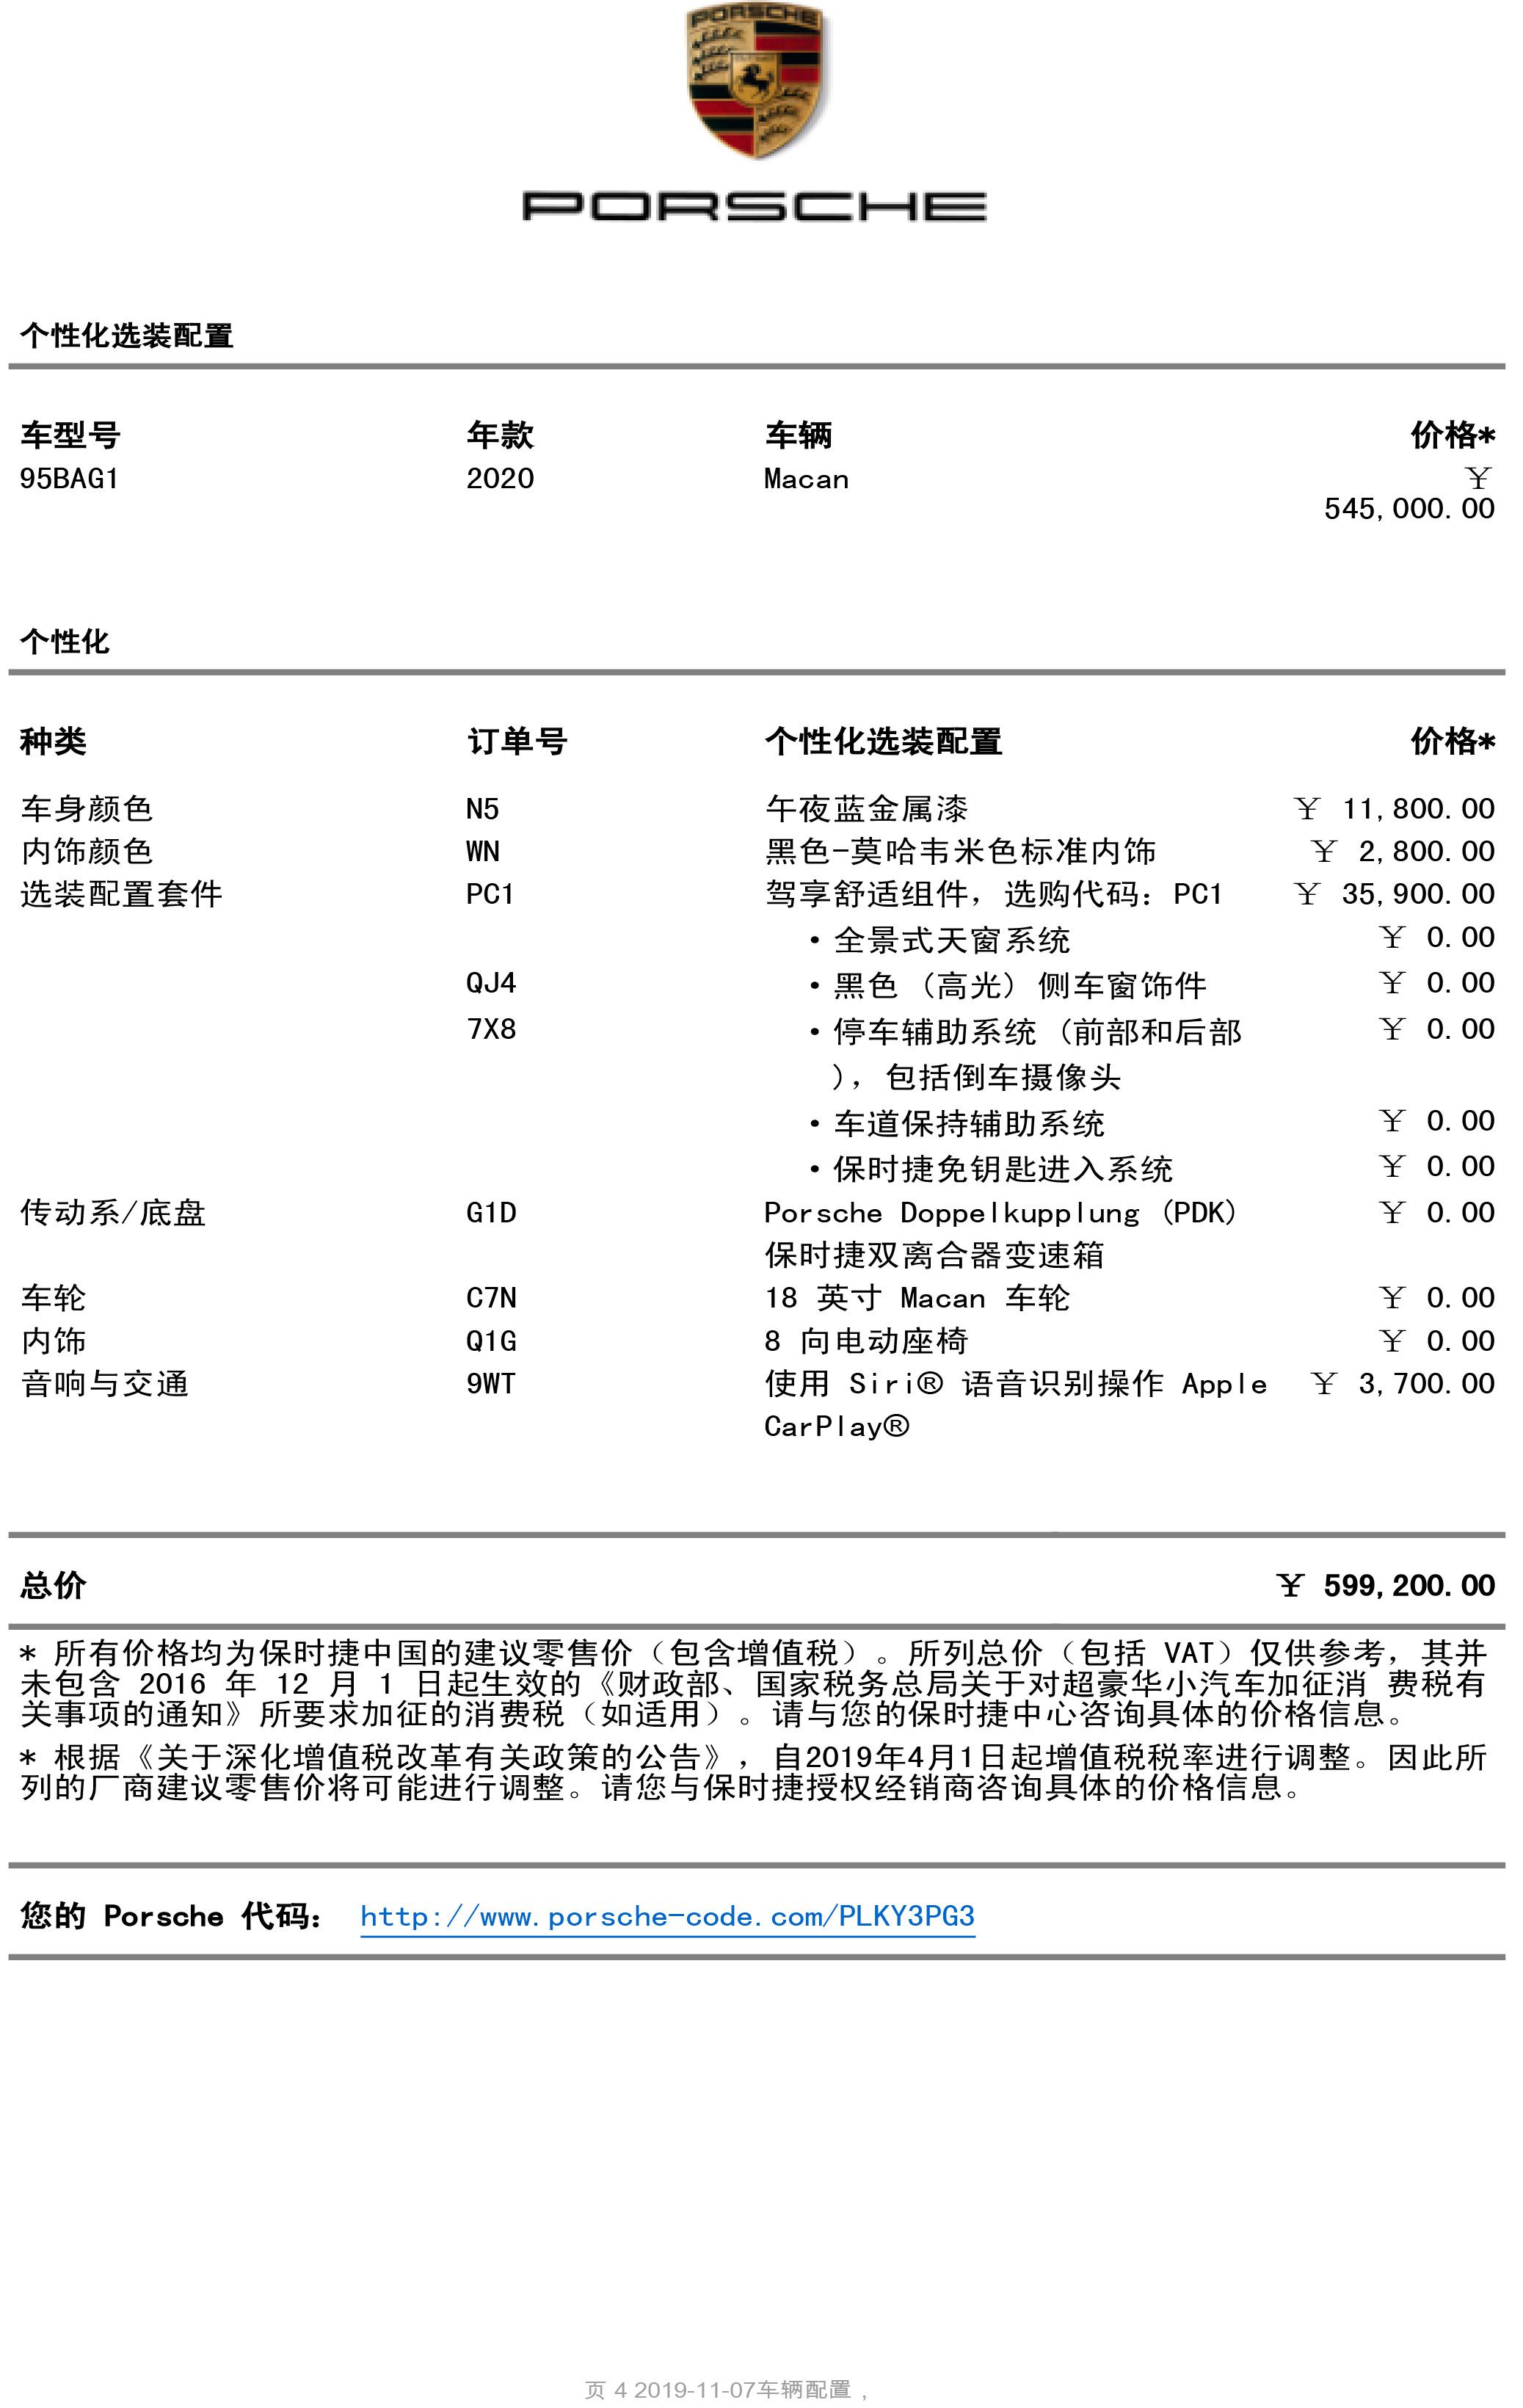 保时捷-Macan-午夜蓝-黑色莫哈韦米-5.jpg